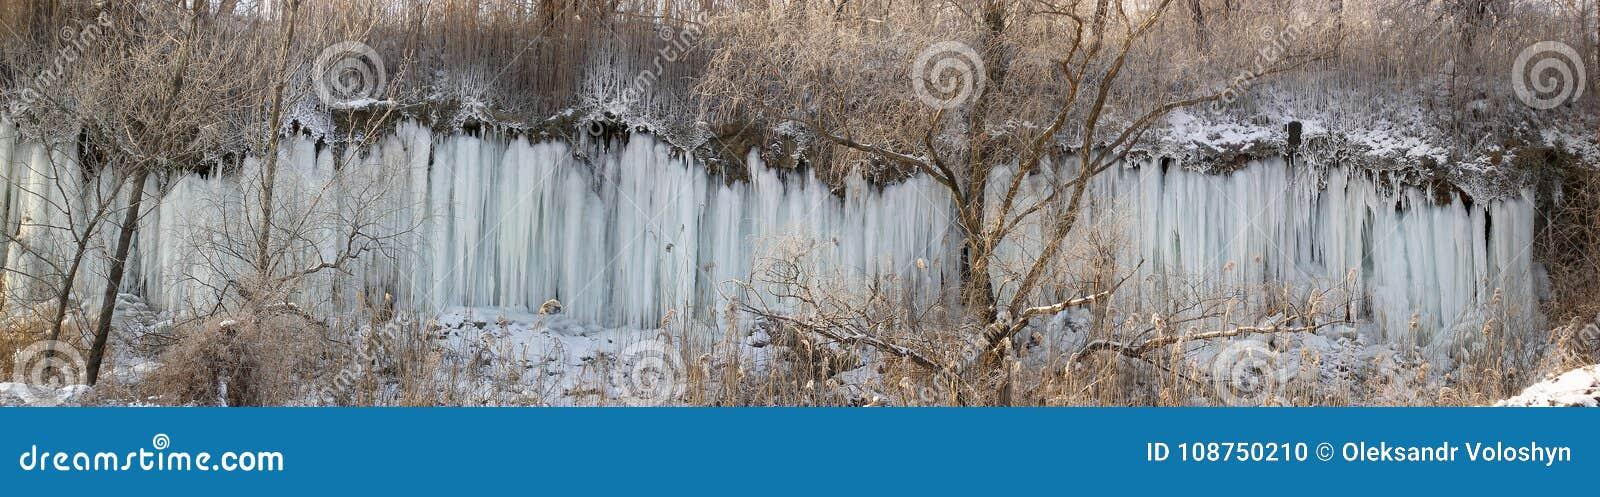 Panorama av lutningen av ravin, som streamlets av vatten körde och fryste längs i frosten som bildar en iskall vägg av beträffand